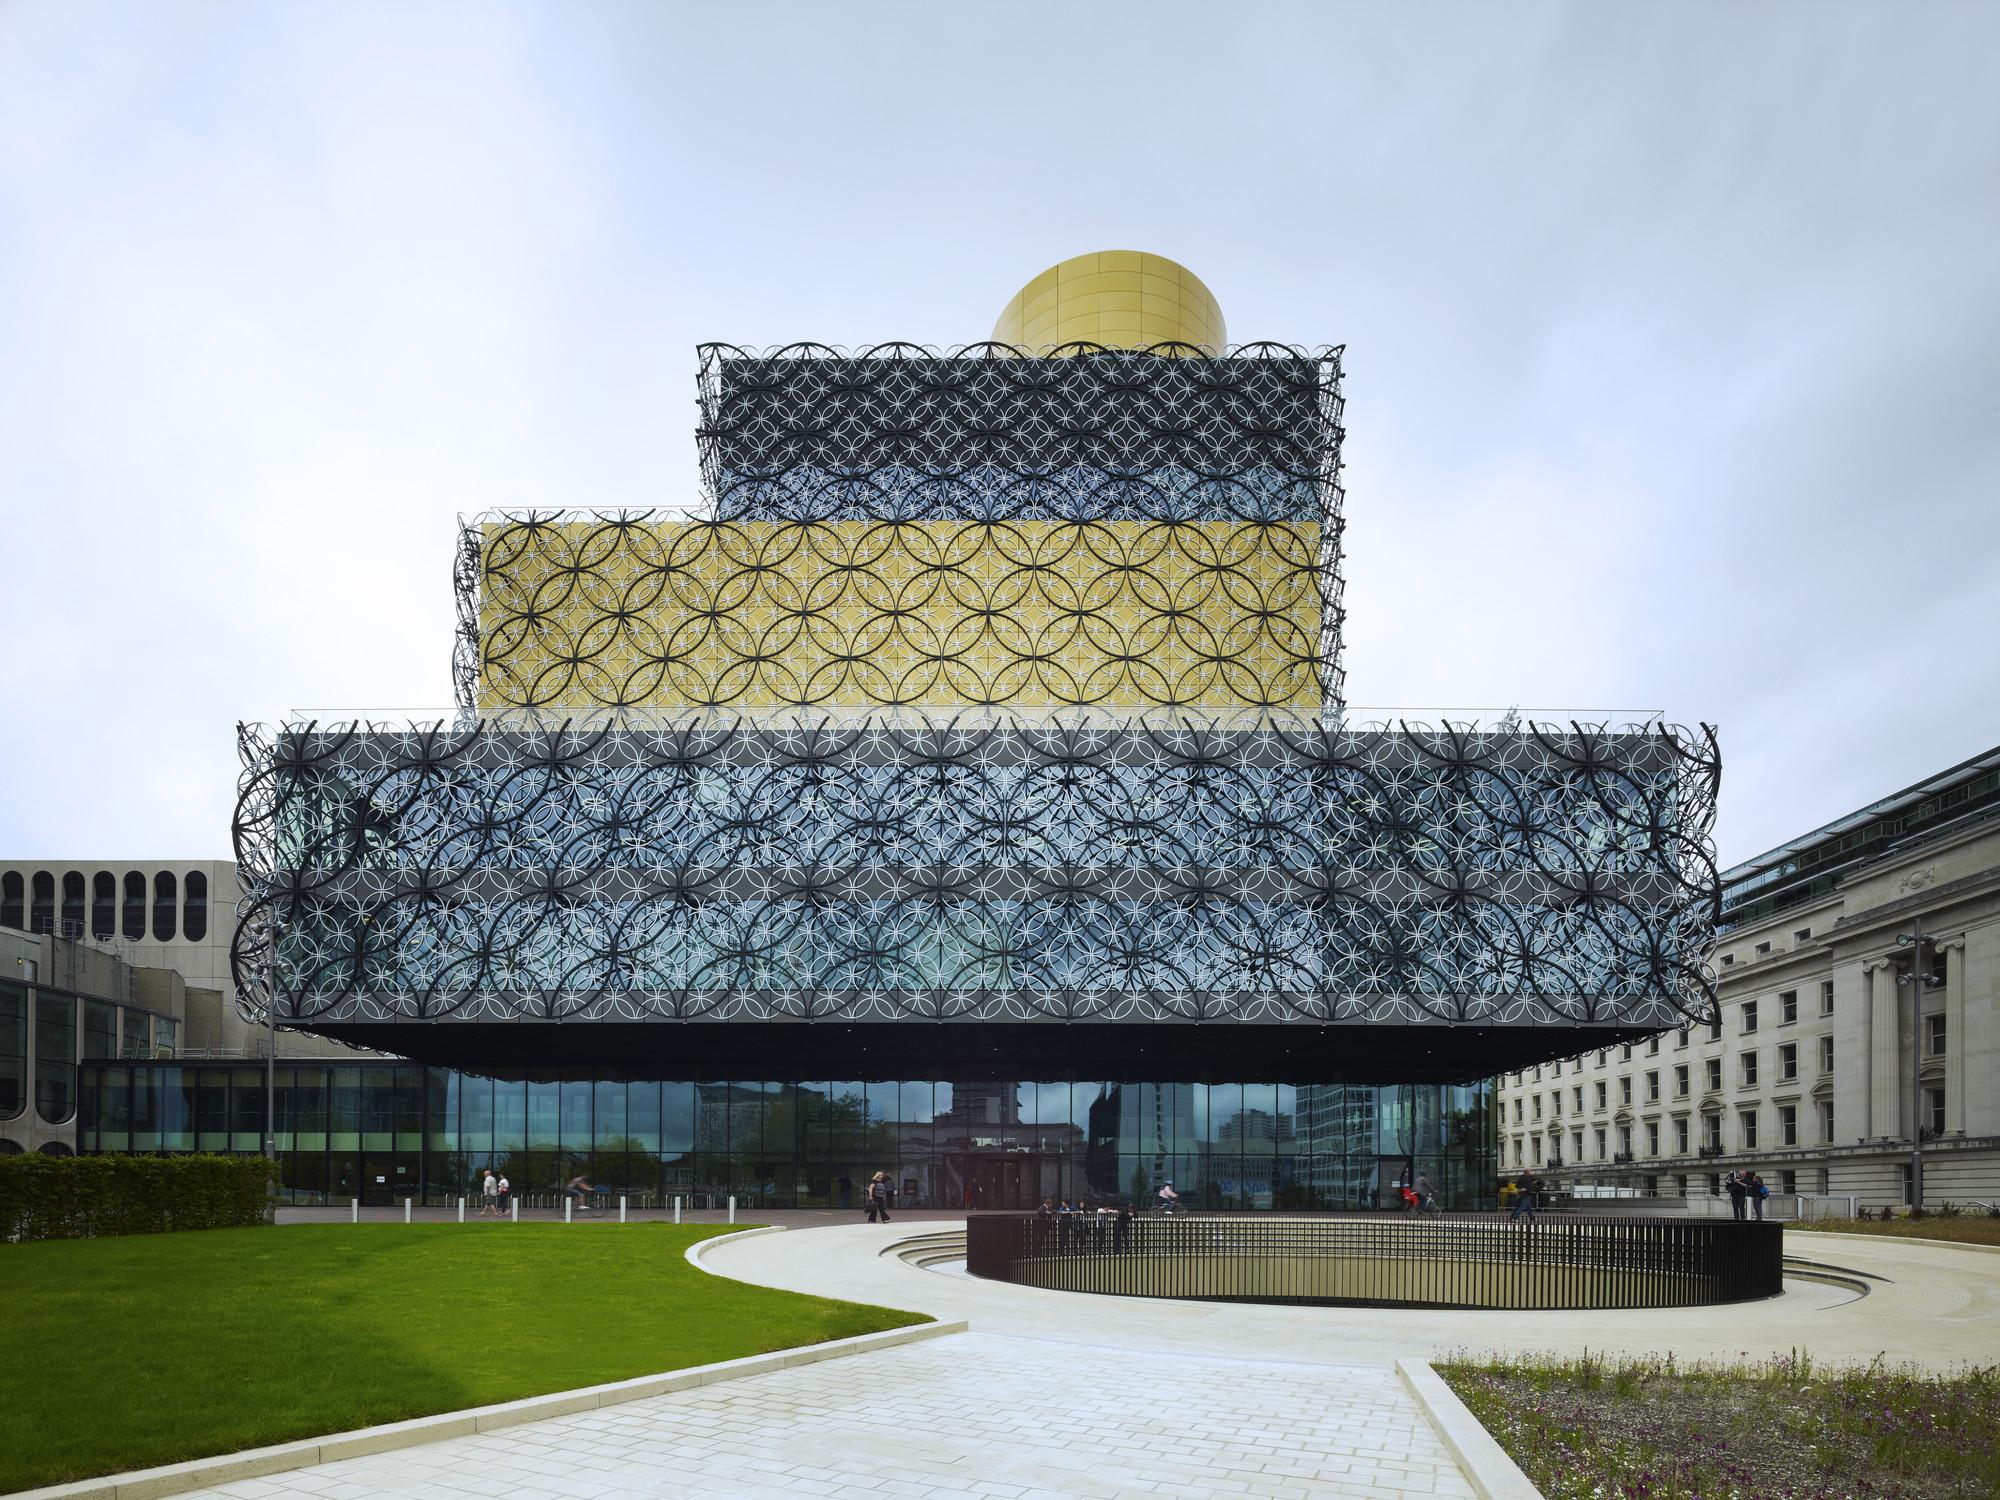 Francine Houben, Fundadora de Mecanoo dará conferencia en Chile, Biblioteca de Birmingham